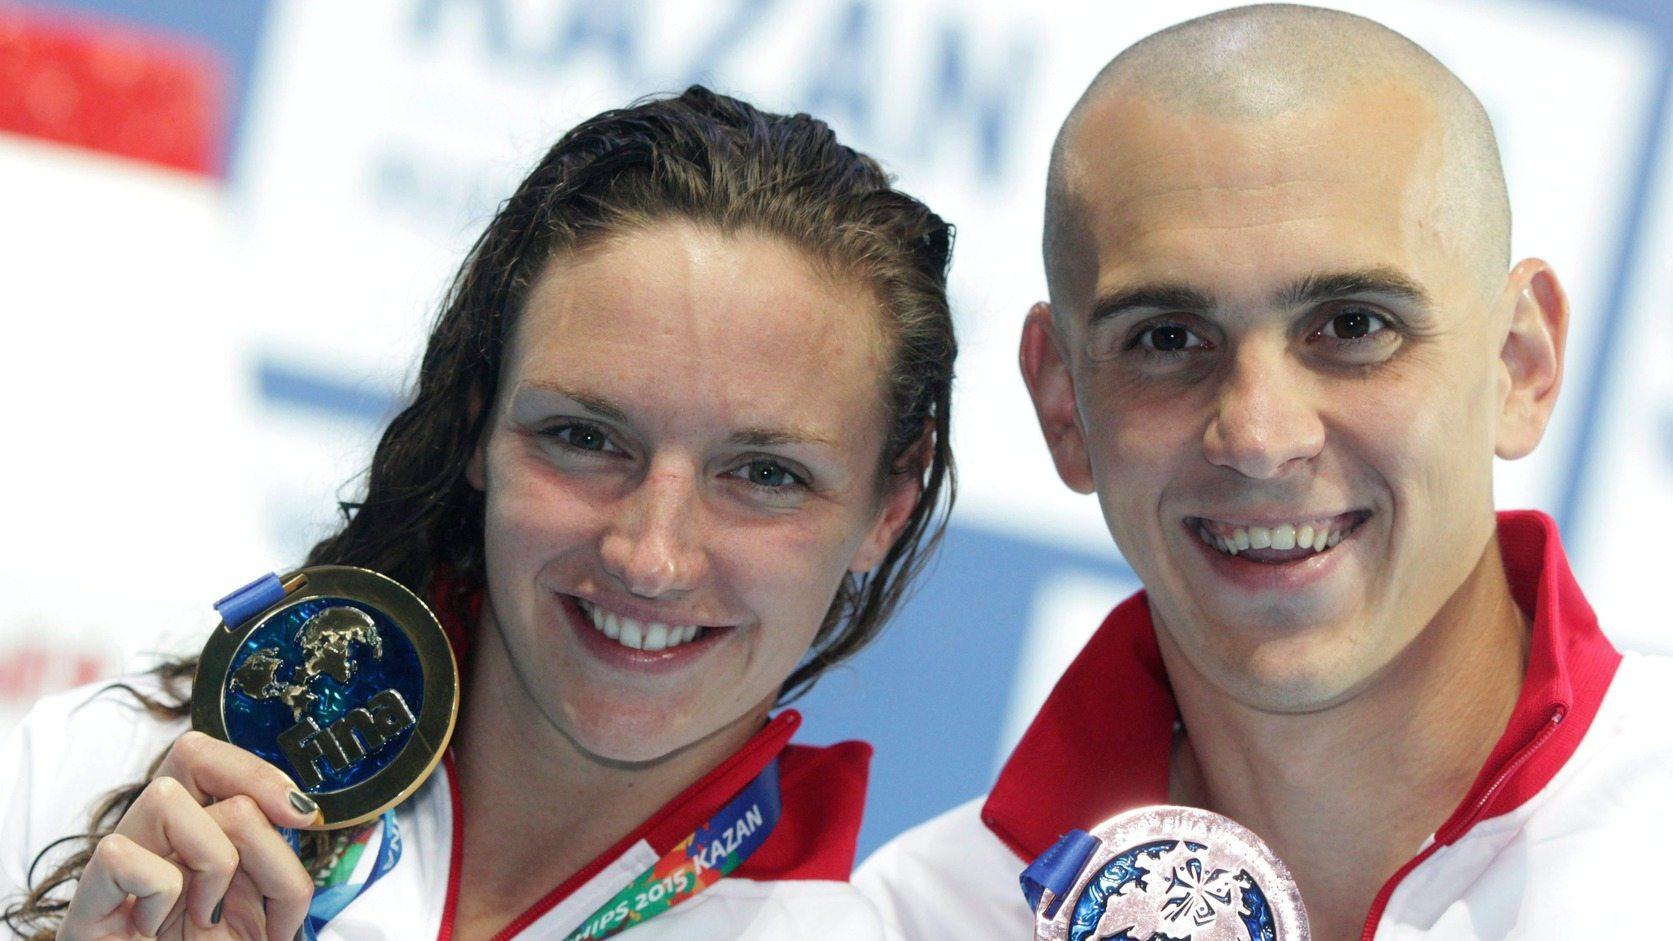 A győztes Hosszú Katinka mutatja aranyérmét a 200 méteres vegyesúszás eredményhirdetése után, mellette Cseh László, az 50 méteres pillangóúszás bronzérmese a kazanyi vizes világbajnokságon. MTI Fotó: Kovács Anikó